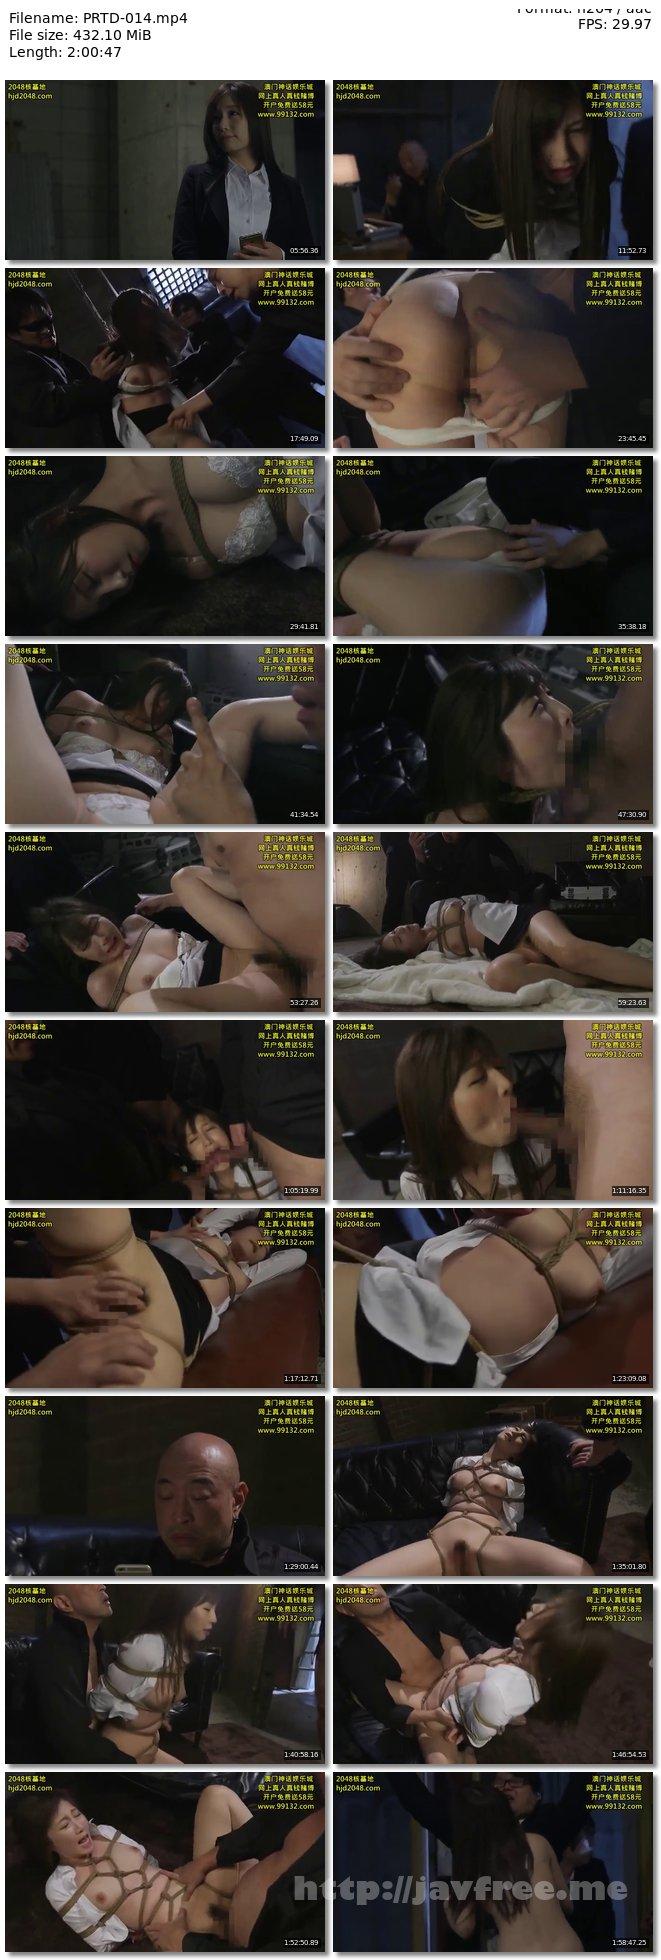 [HD][MMGH-066] あかね マジックミラー号でおっぱいもみもみインタビュー 寝る時用のブラジャー付けてる育ちの良い女子○生 - image PRTD-014 on http://javcc.com